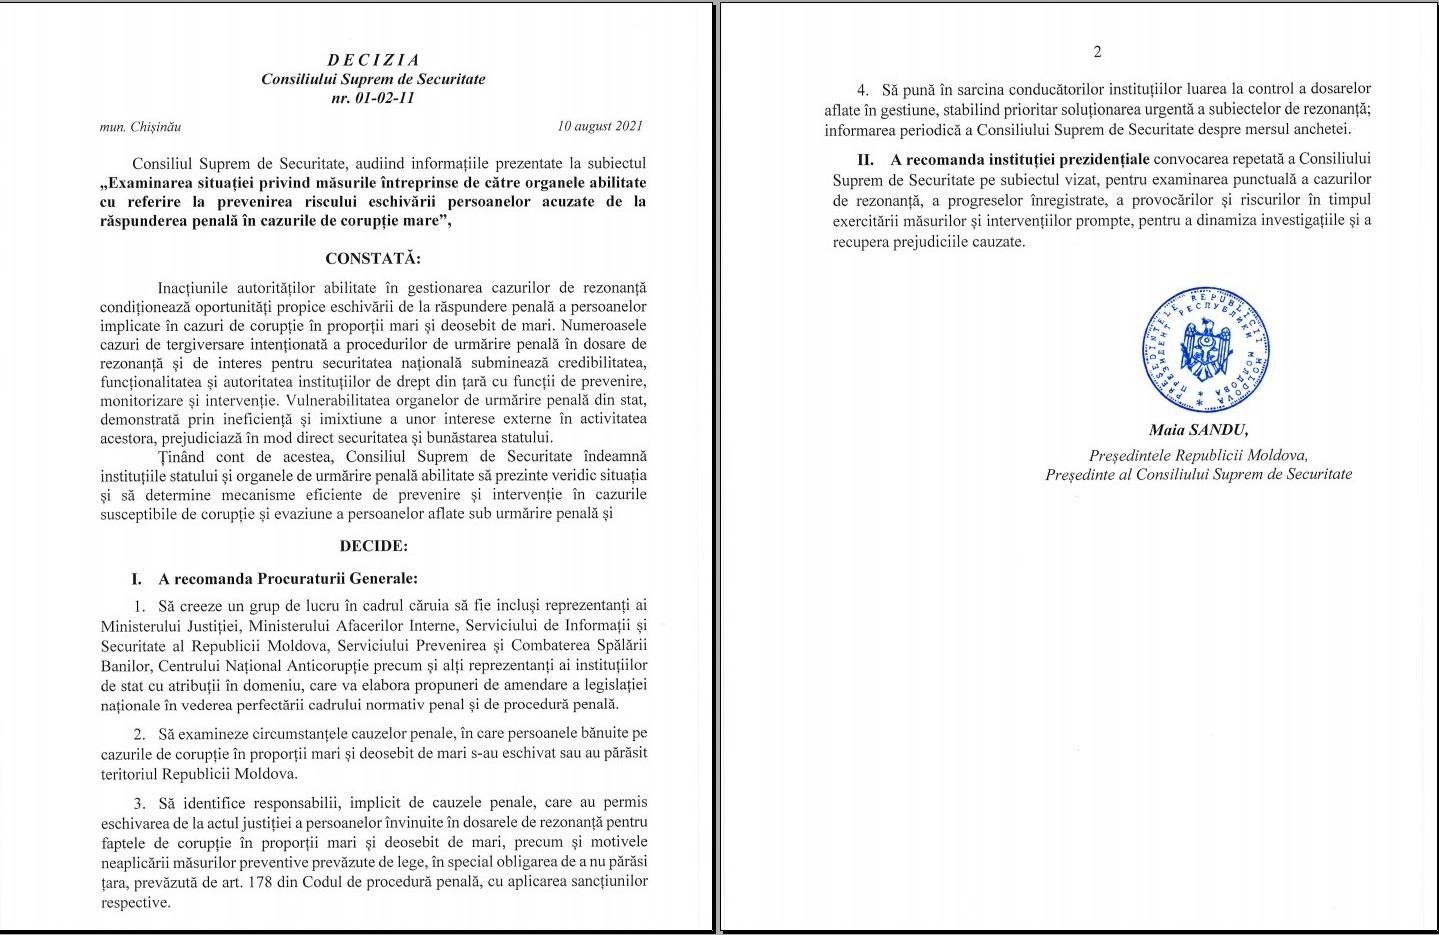 Stoianoglo cere explicații de la Maia Sandu, în calitate de președintă a Consiliului Suprem de Securitate (DOC)